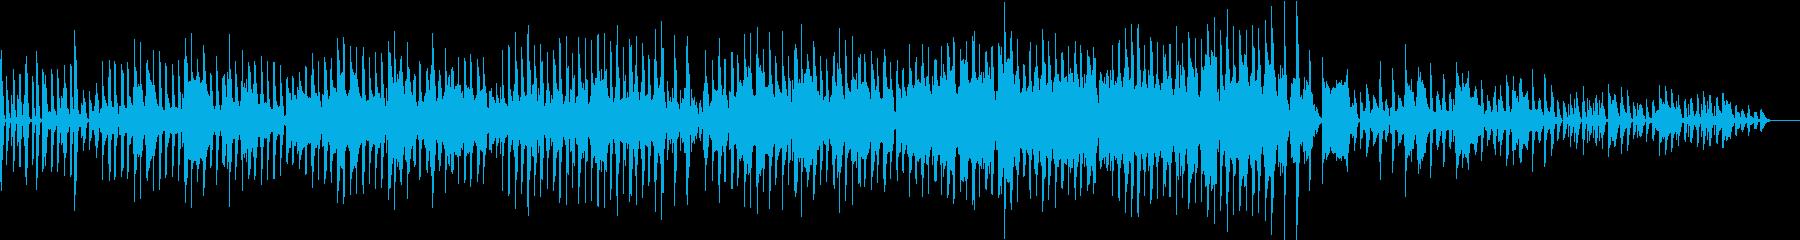 ほのぼの日常の再生済みの波形